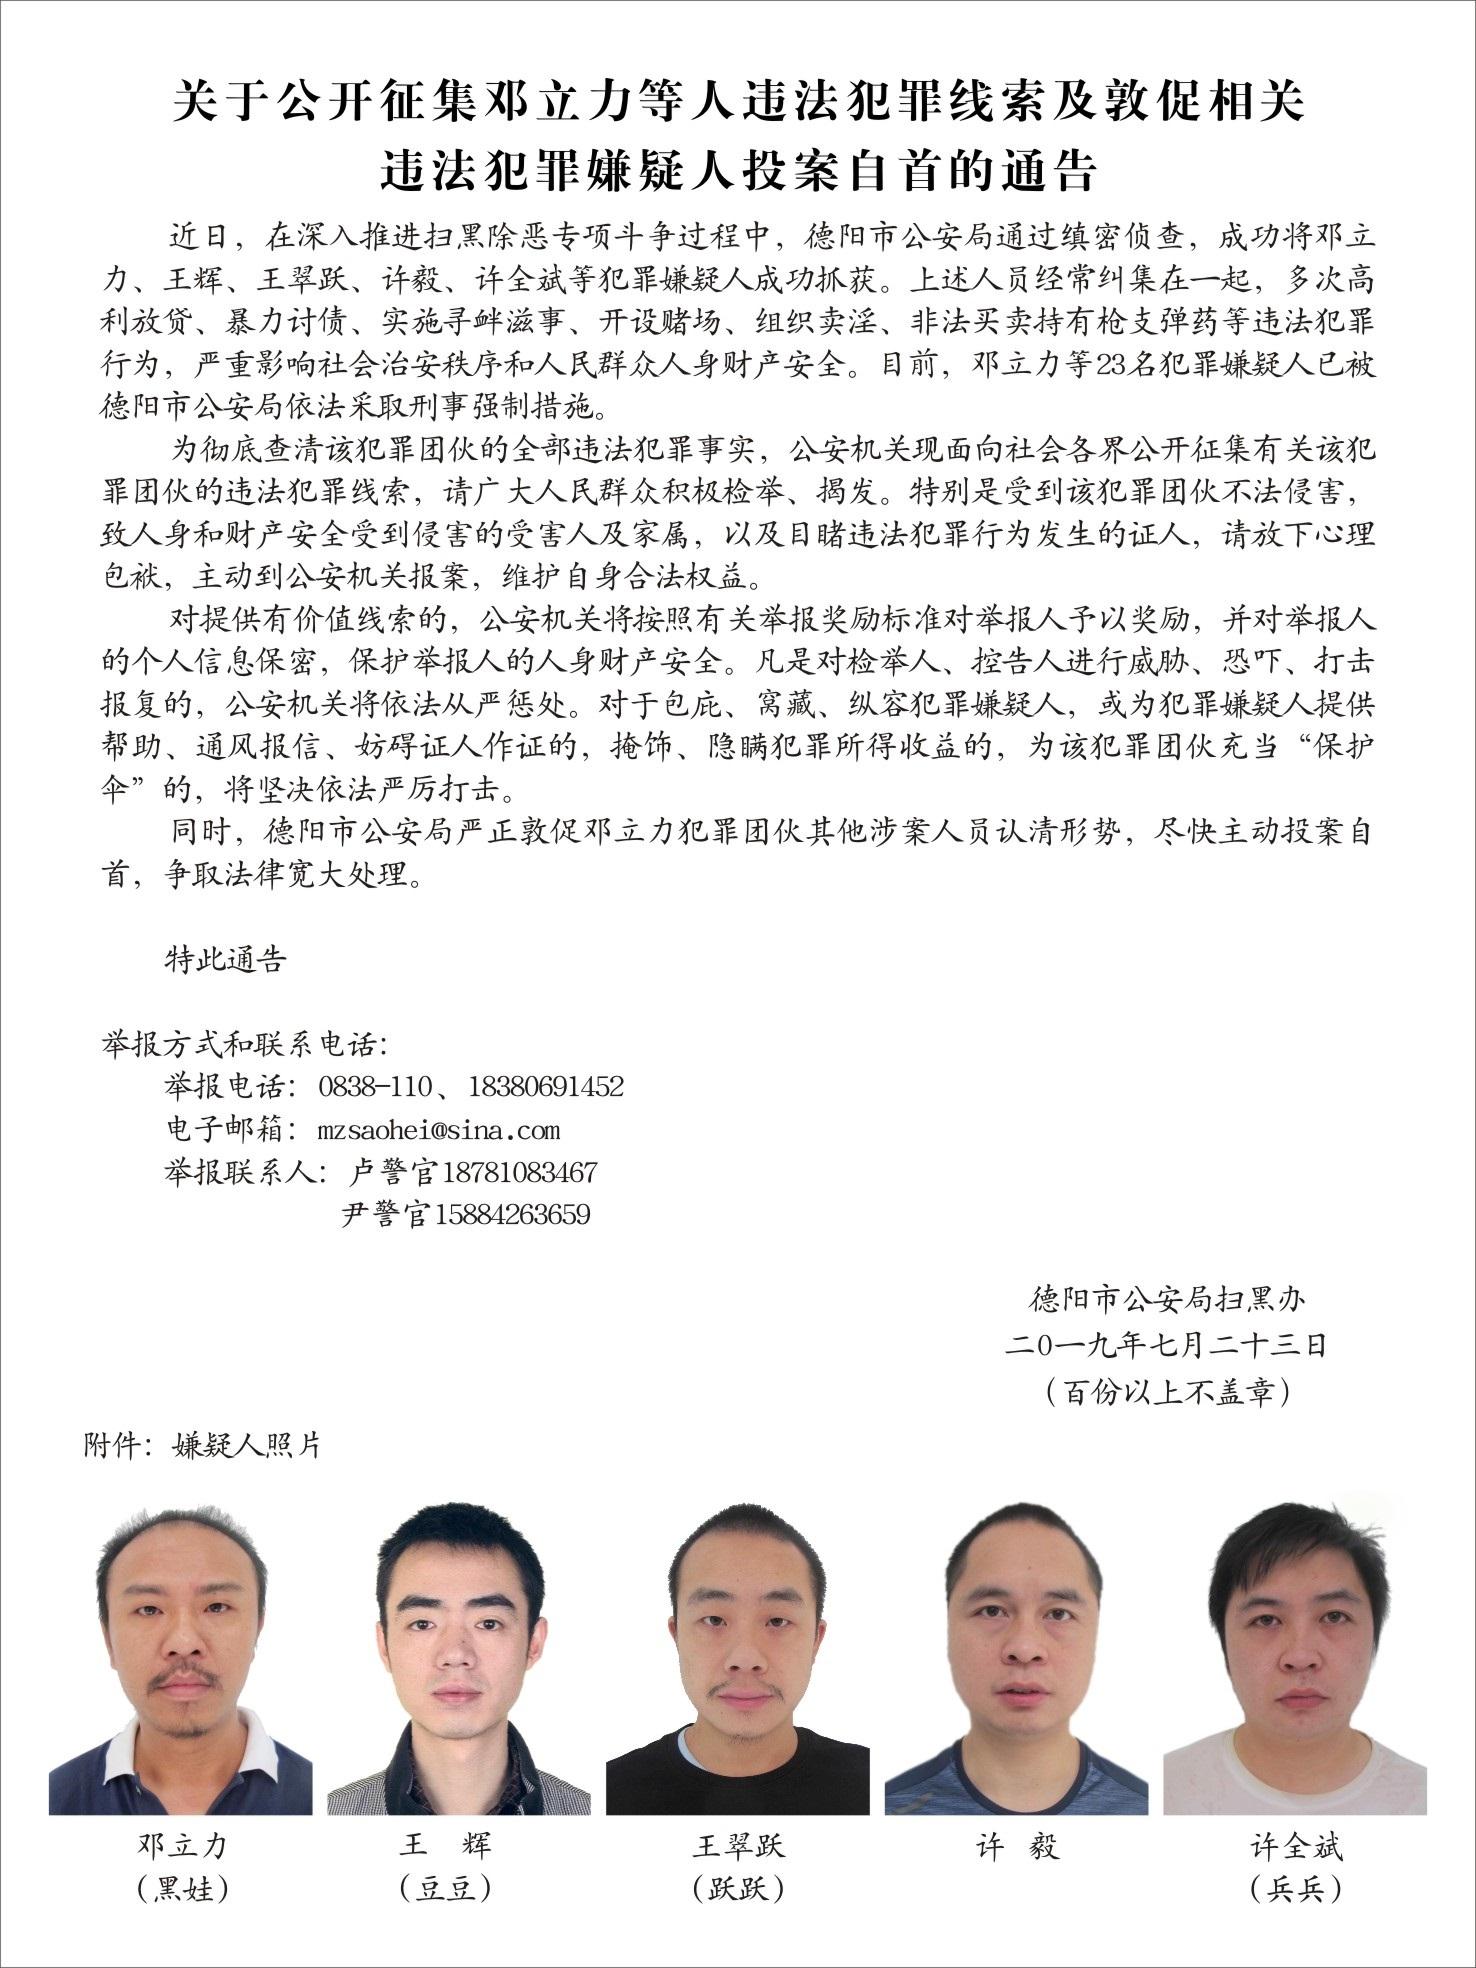 关于公开征集邓立力等人违法犯罪线索及敦促相关违法犯罪嫌疑人投案自首的通告